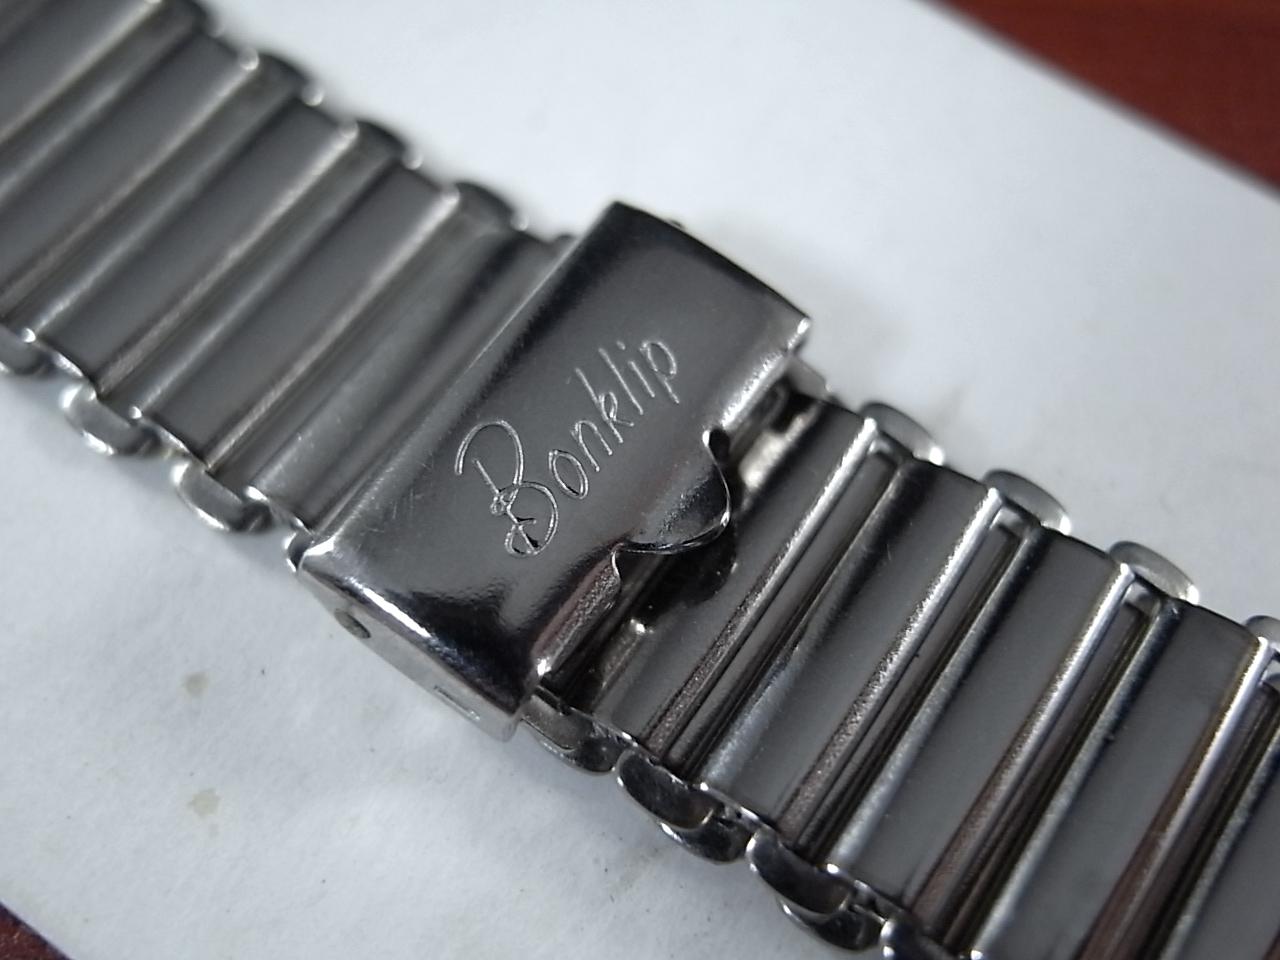 ボンクリップ バンブーブレス N.O.S. 13mmタイプ 16mm BONKLIPの写真2枚目